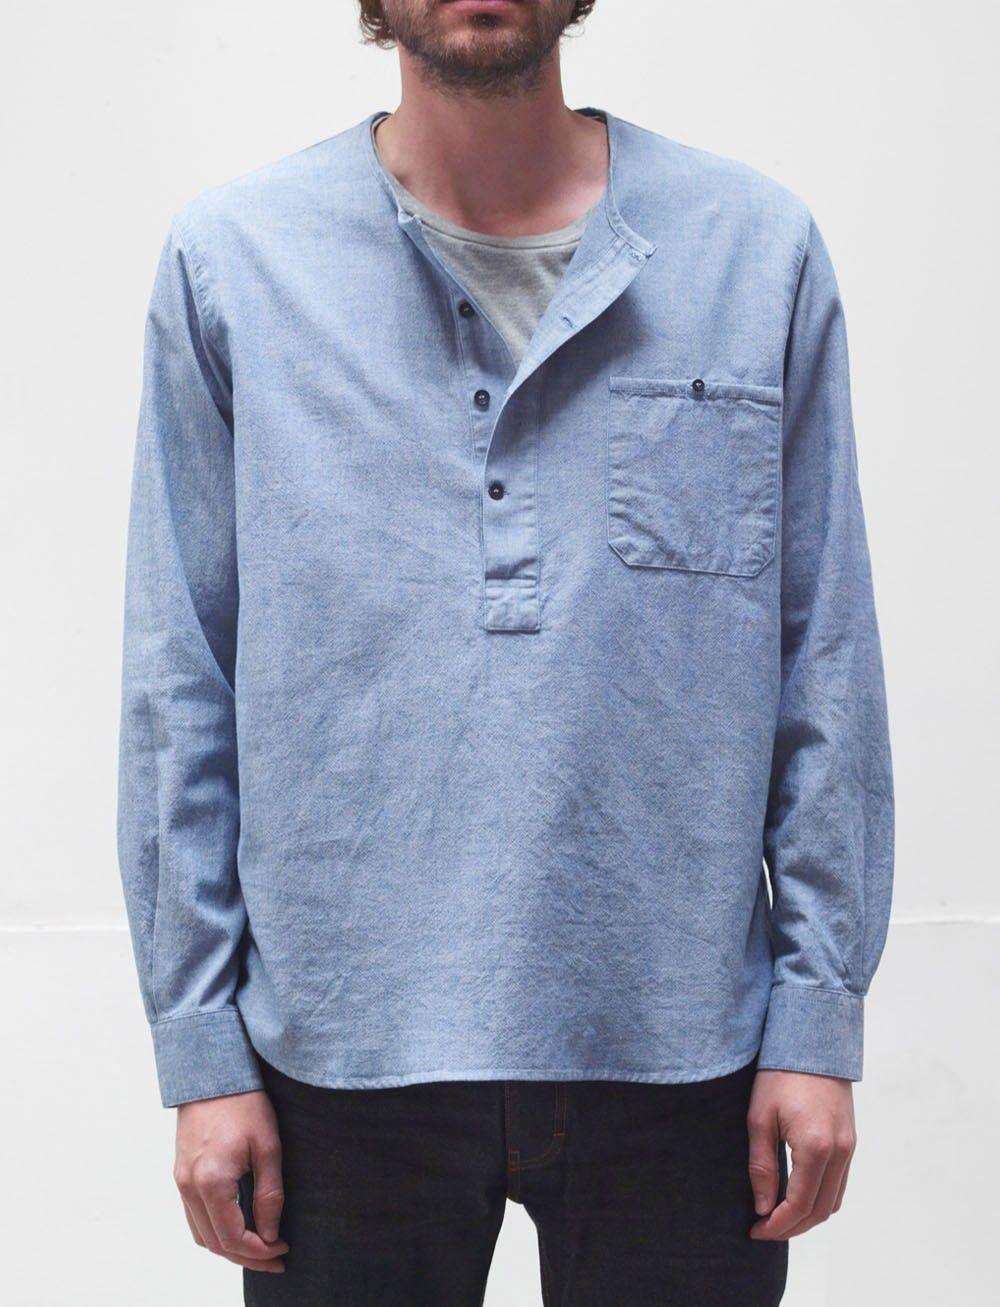 Men's Light Weight 100% Cotton Hippie Shirt | options for menswear ...